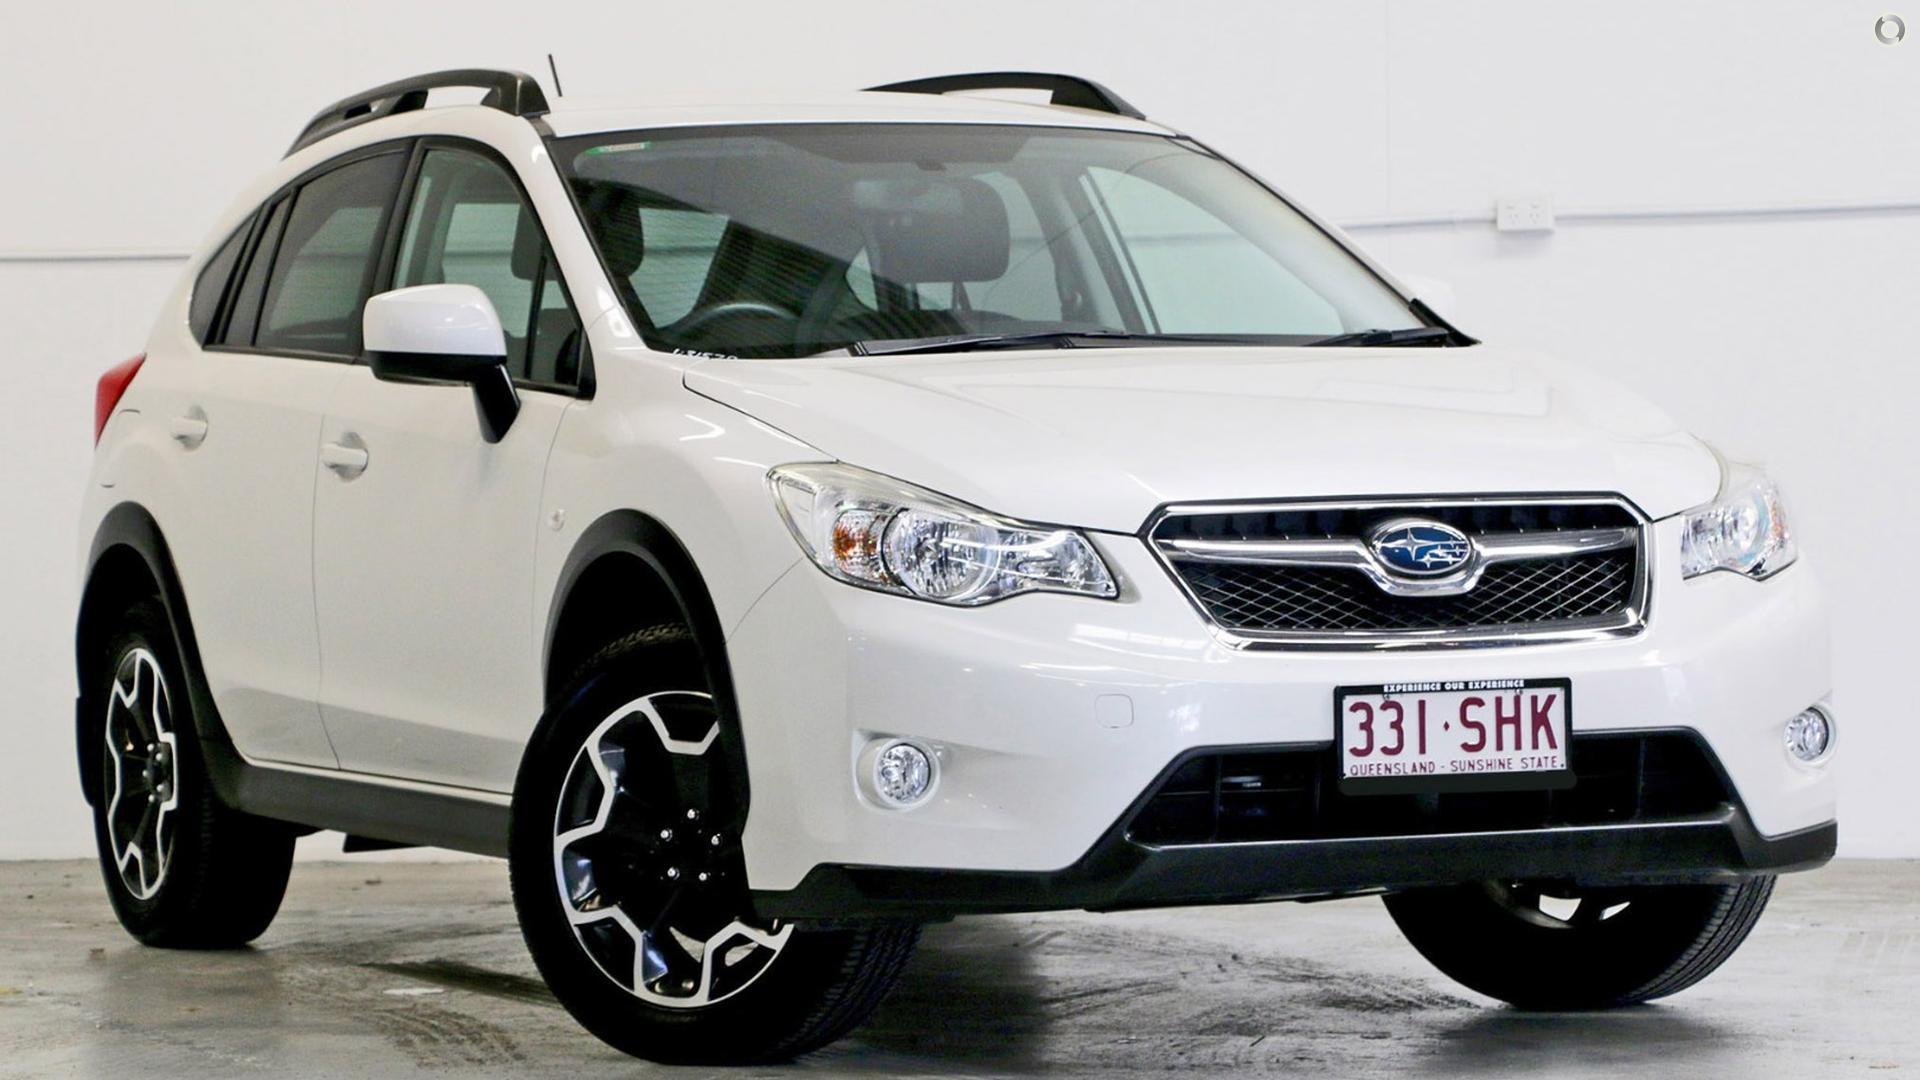 2012 Subaru Xv 2.0i-L G4X